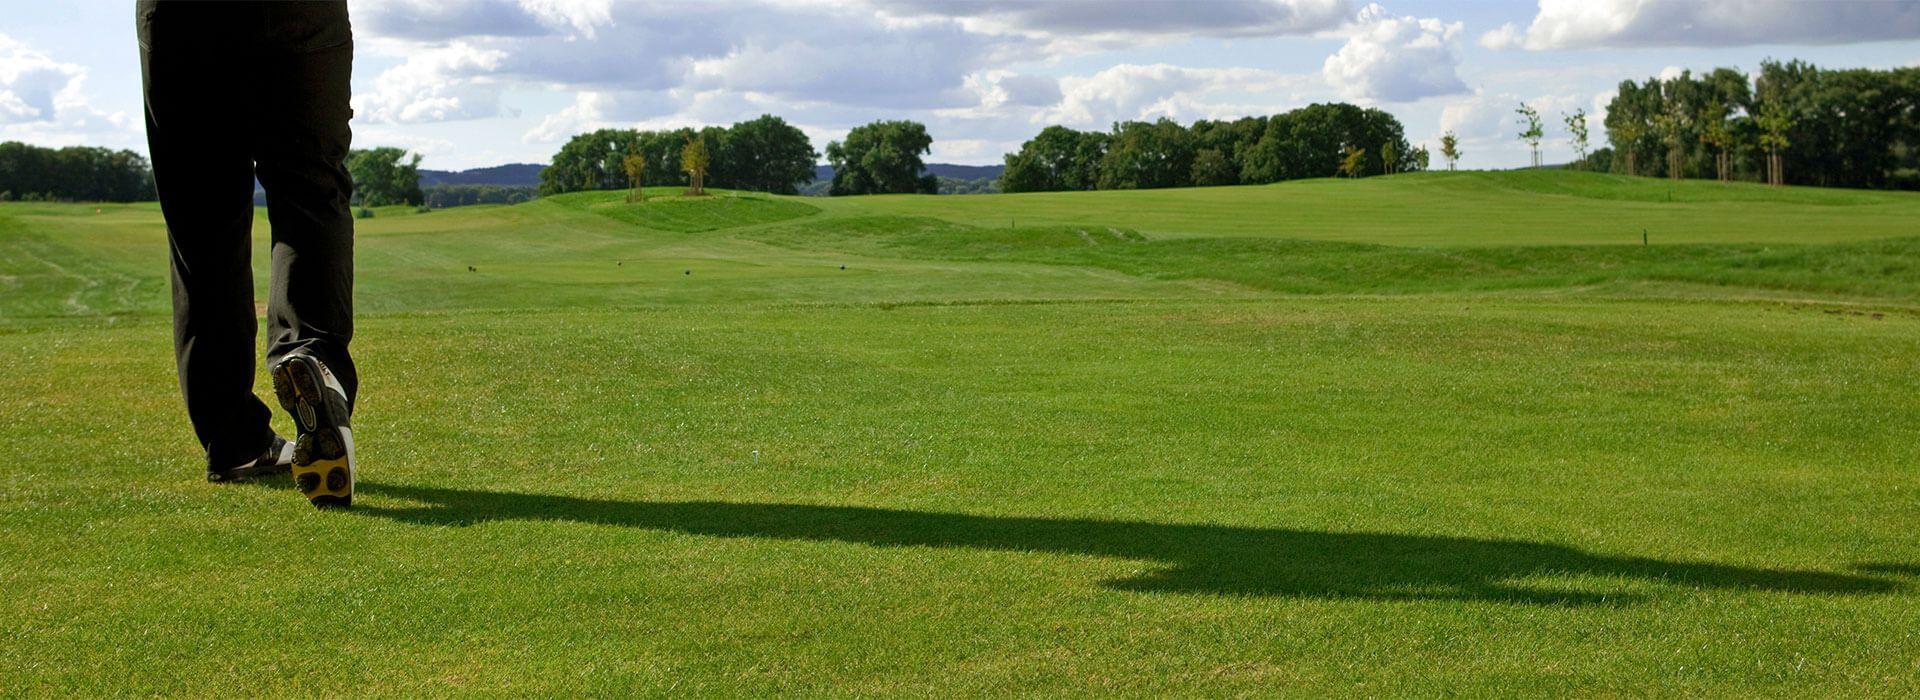 GolfMecklenburg VorpommernimGolfclubSchlossTeschow